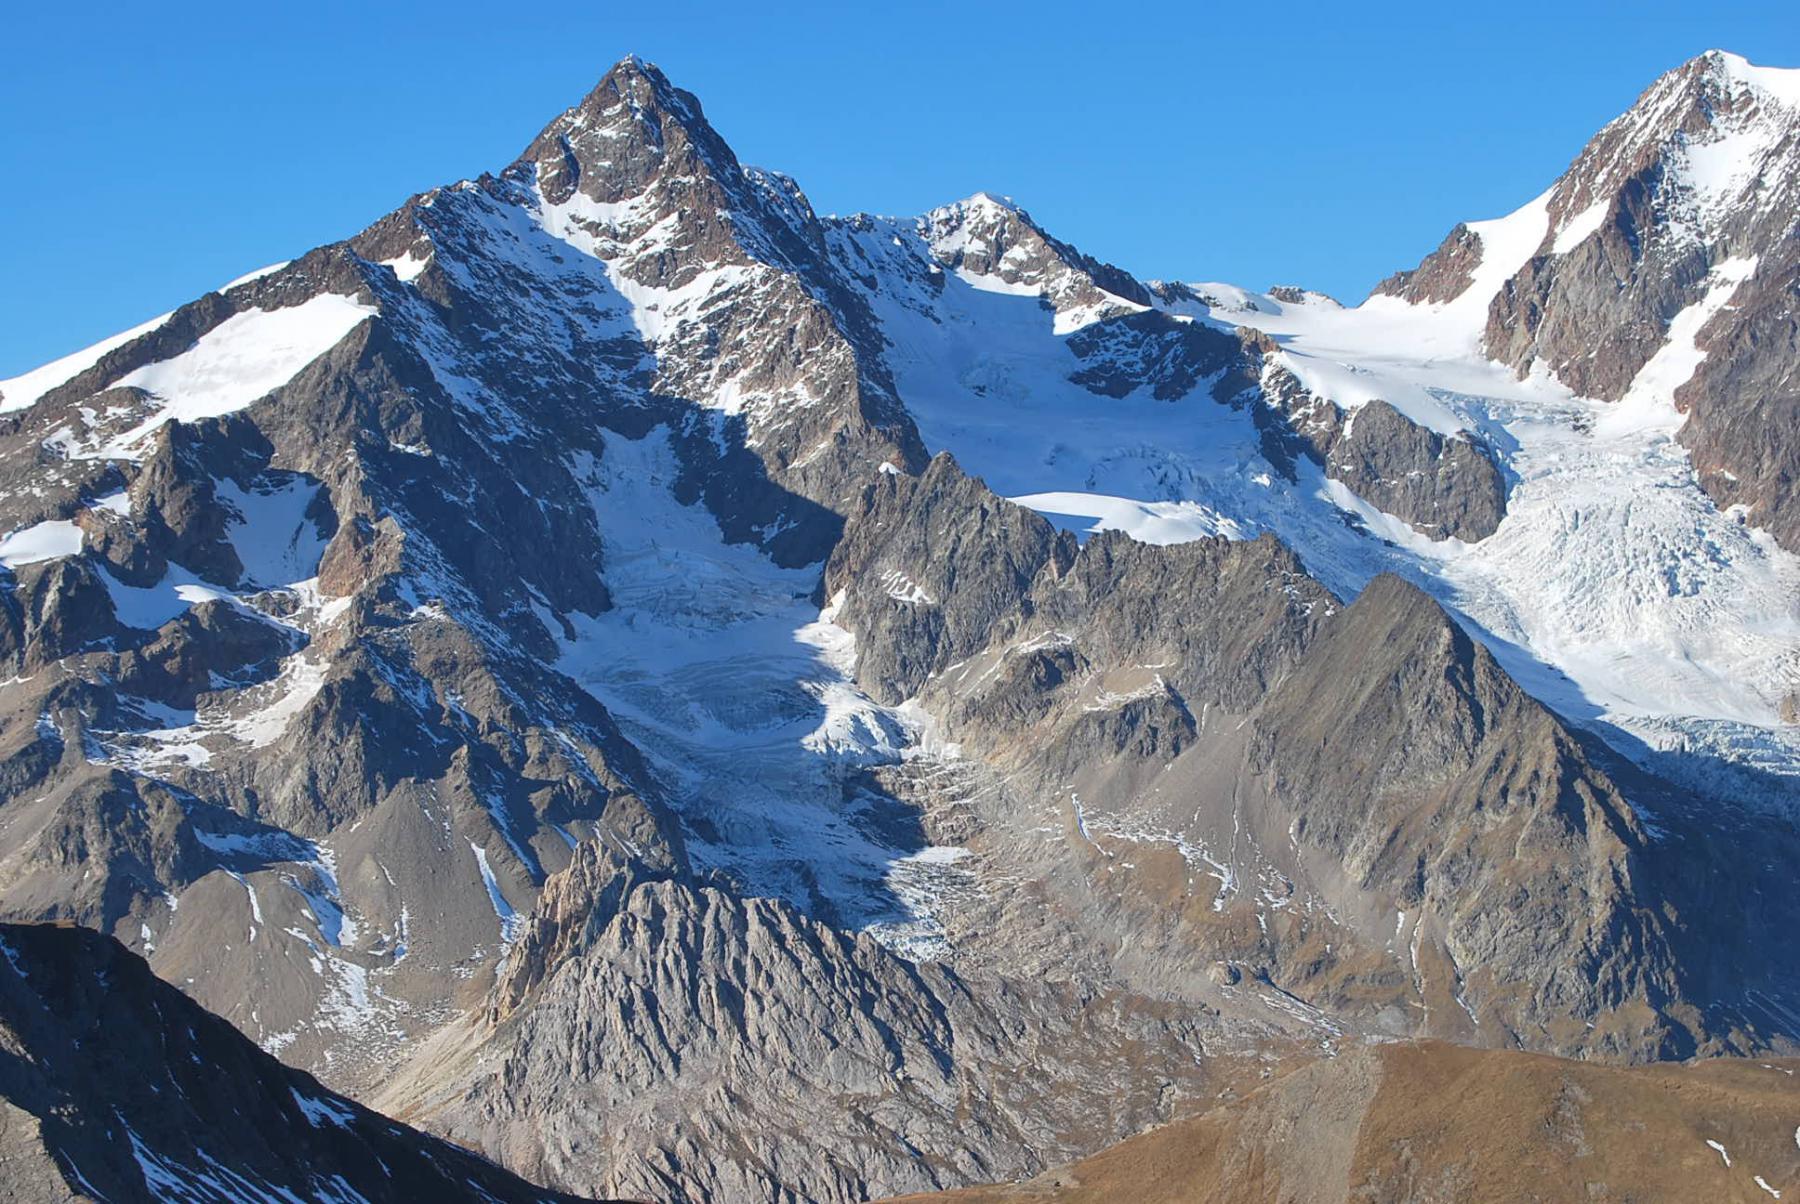 L'Aig. des Glaciers, il Ghiacciaio di Estellette e la cresta su cui è collocato il Bivacco Hess